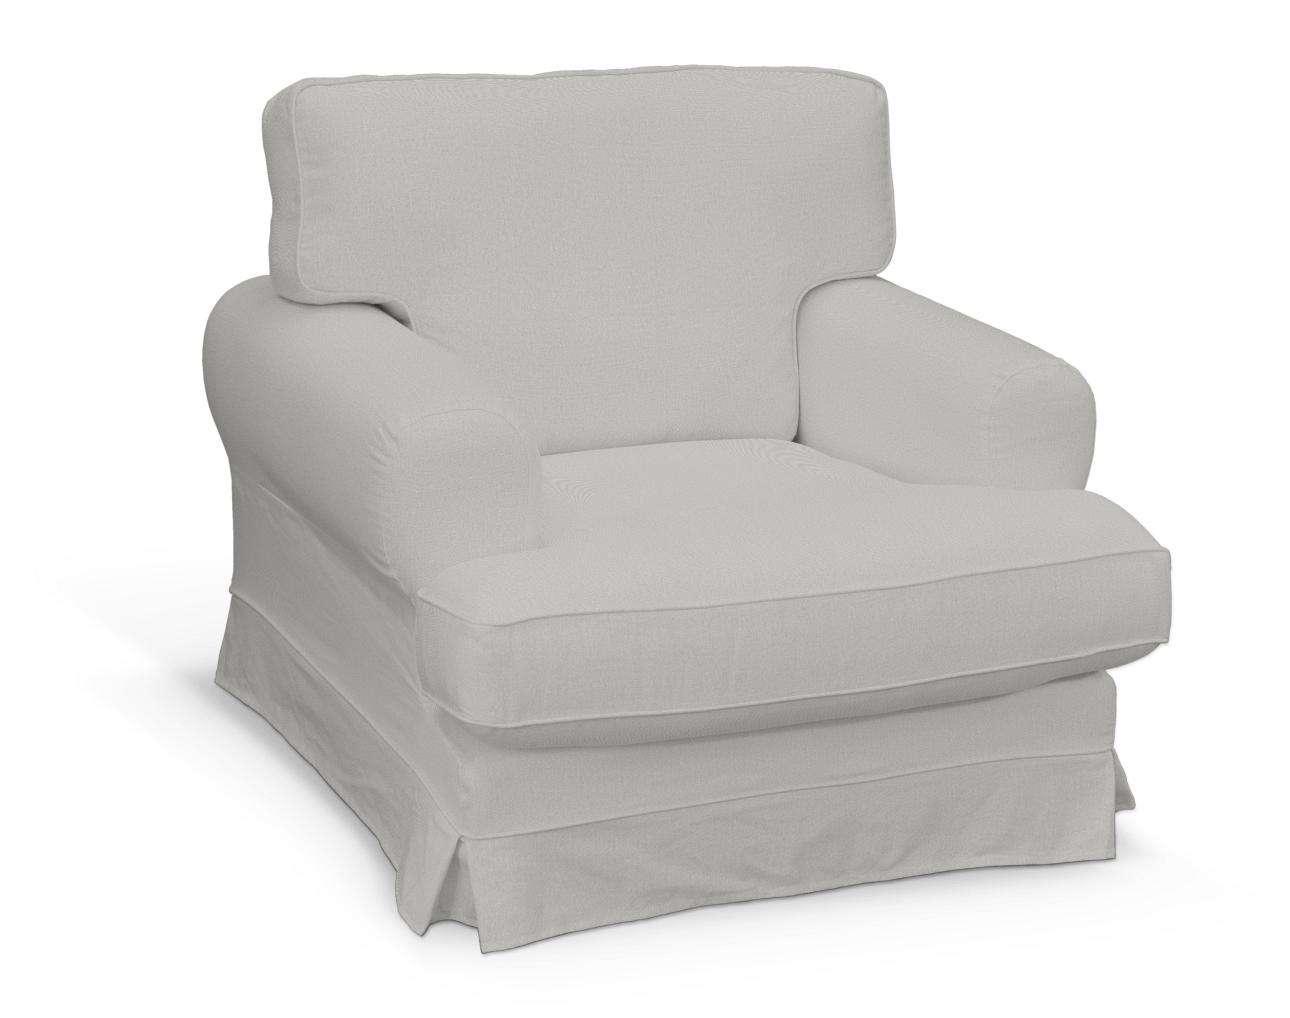 Bezug für Ekeskog Sessel von der Kollektion Etna, Stoff: 705-90